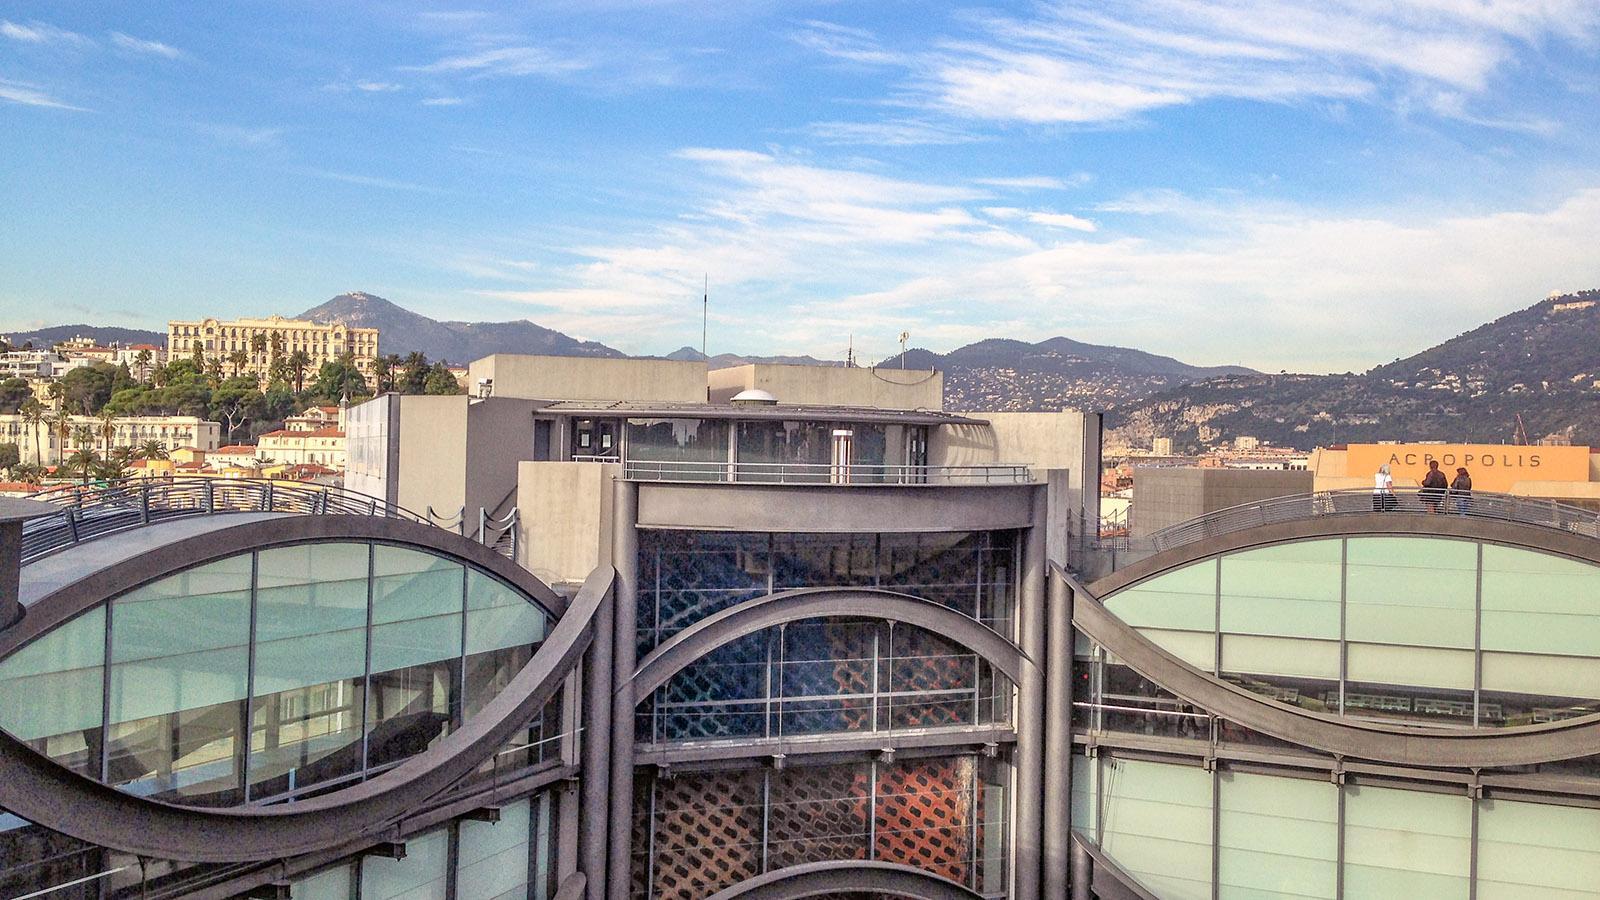 Der Dachgarten des MAMAC von NIzza eröffnet weite Ausblicke auf die Stadt und ihr Umland. Foto: Hilke Maunder